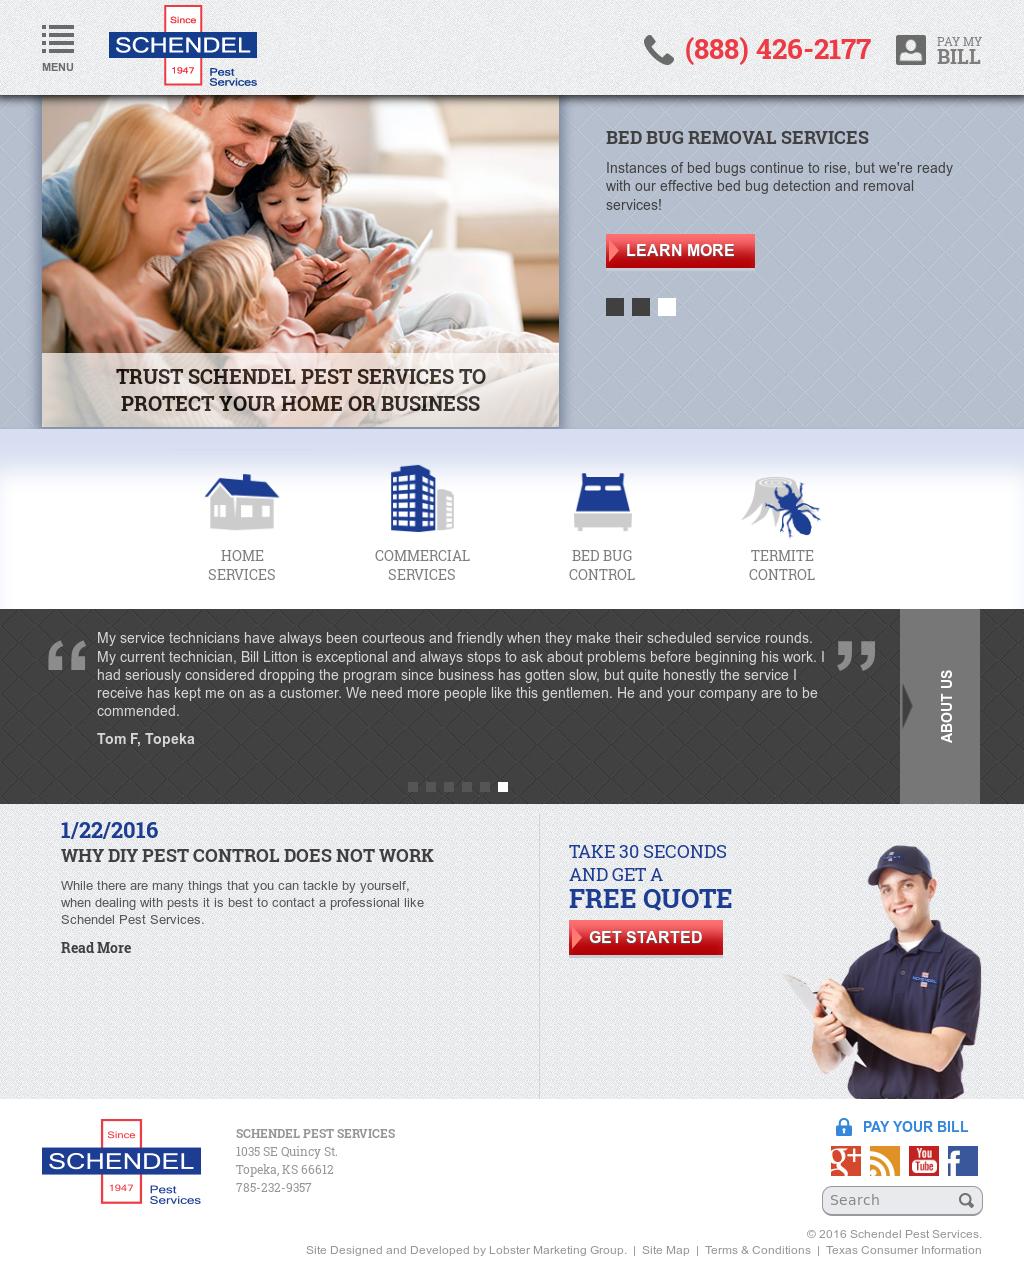 Schendel Pest Services Website History